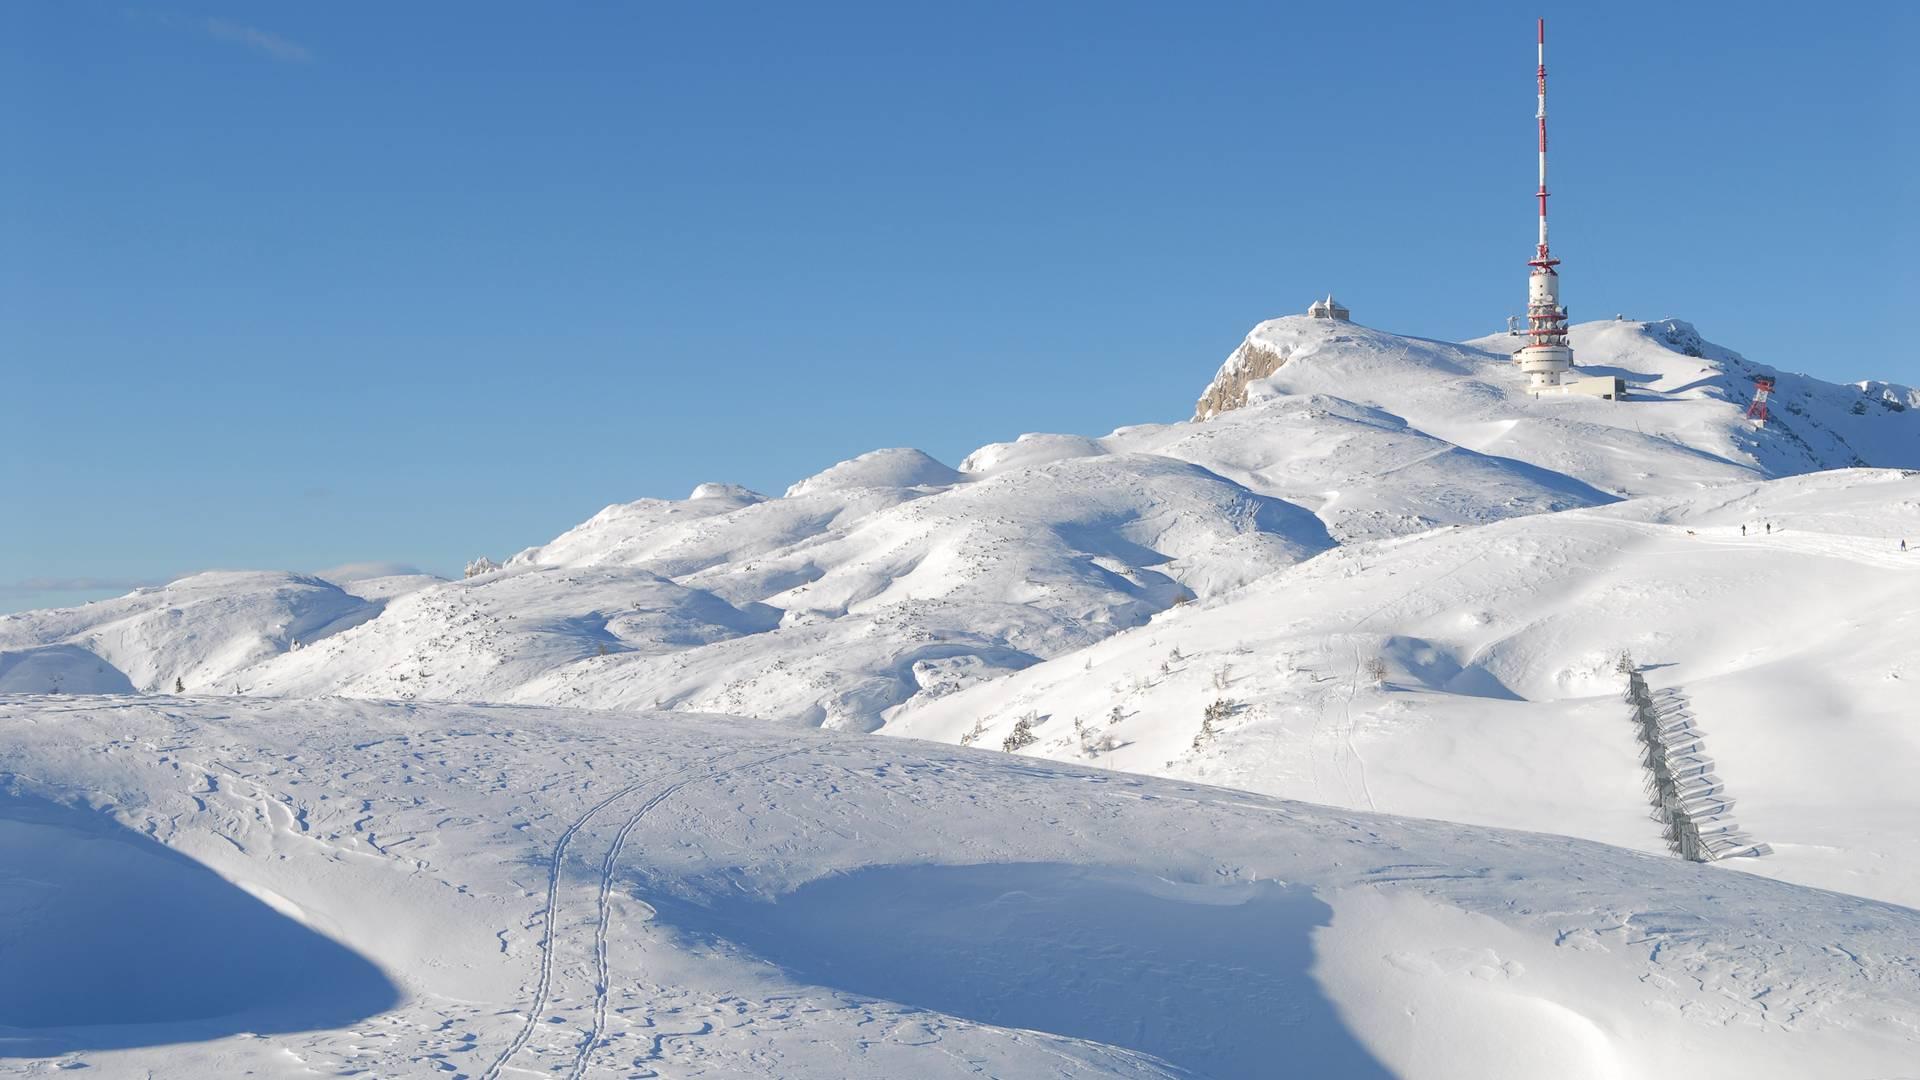 Wintergenuss am Dobratsch in der Region Villach